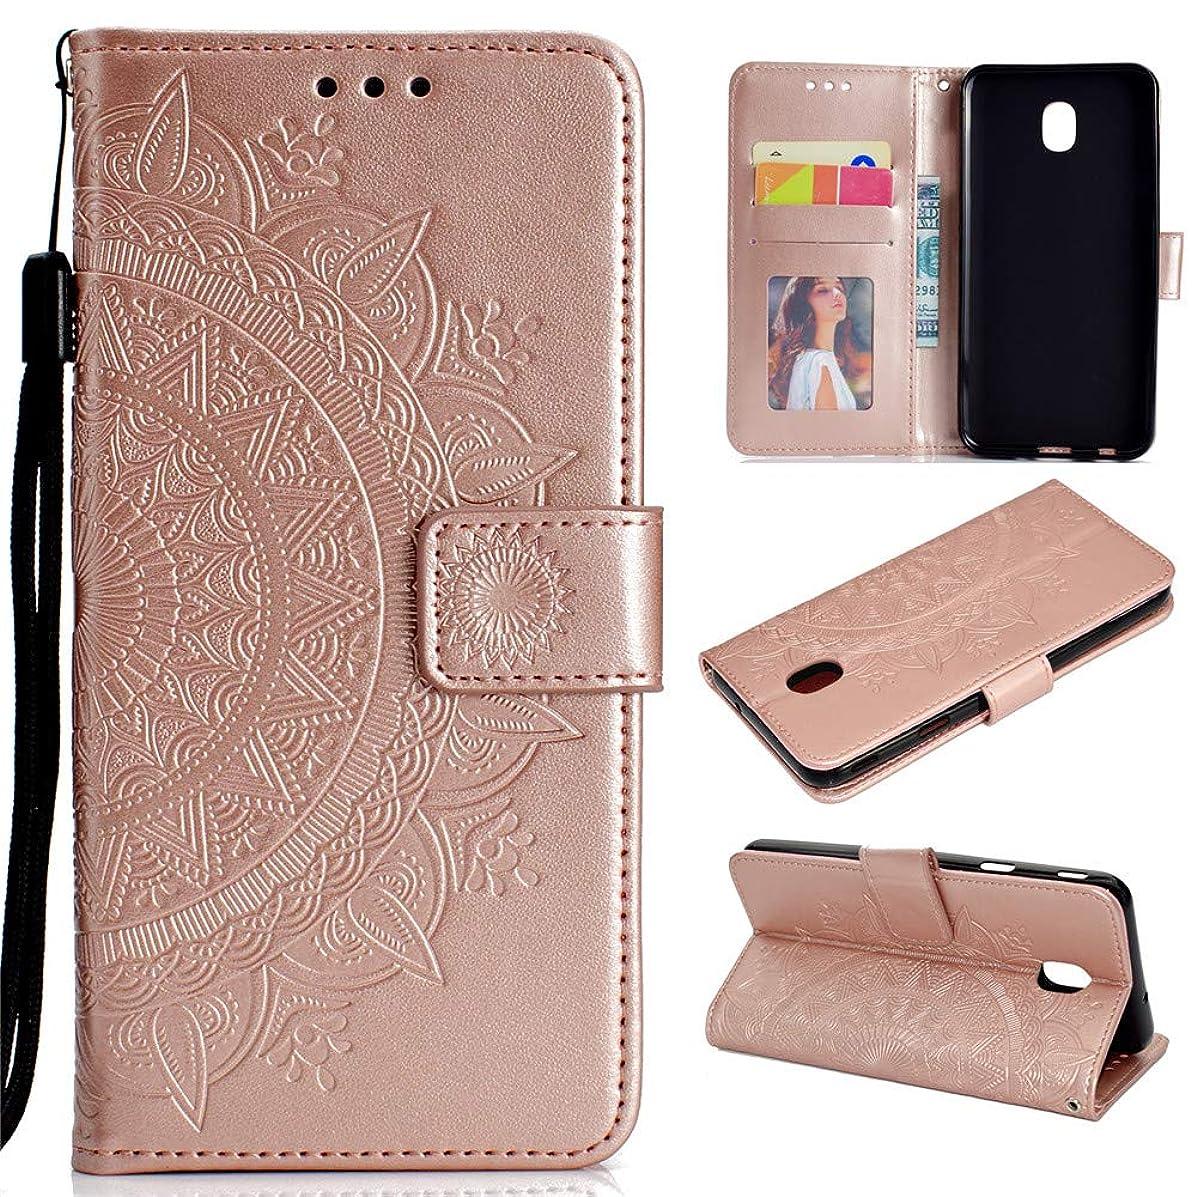 XYX Mobile Case for J7v 2018,[Totem Flower][Wrist Strap][Kickstand][Card Slots] Premium PU Leather Phone Wallet Case for Samsung J7 2018/J7 Refine/J7 V 2nd Gen /J7 Star,Rose Pink